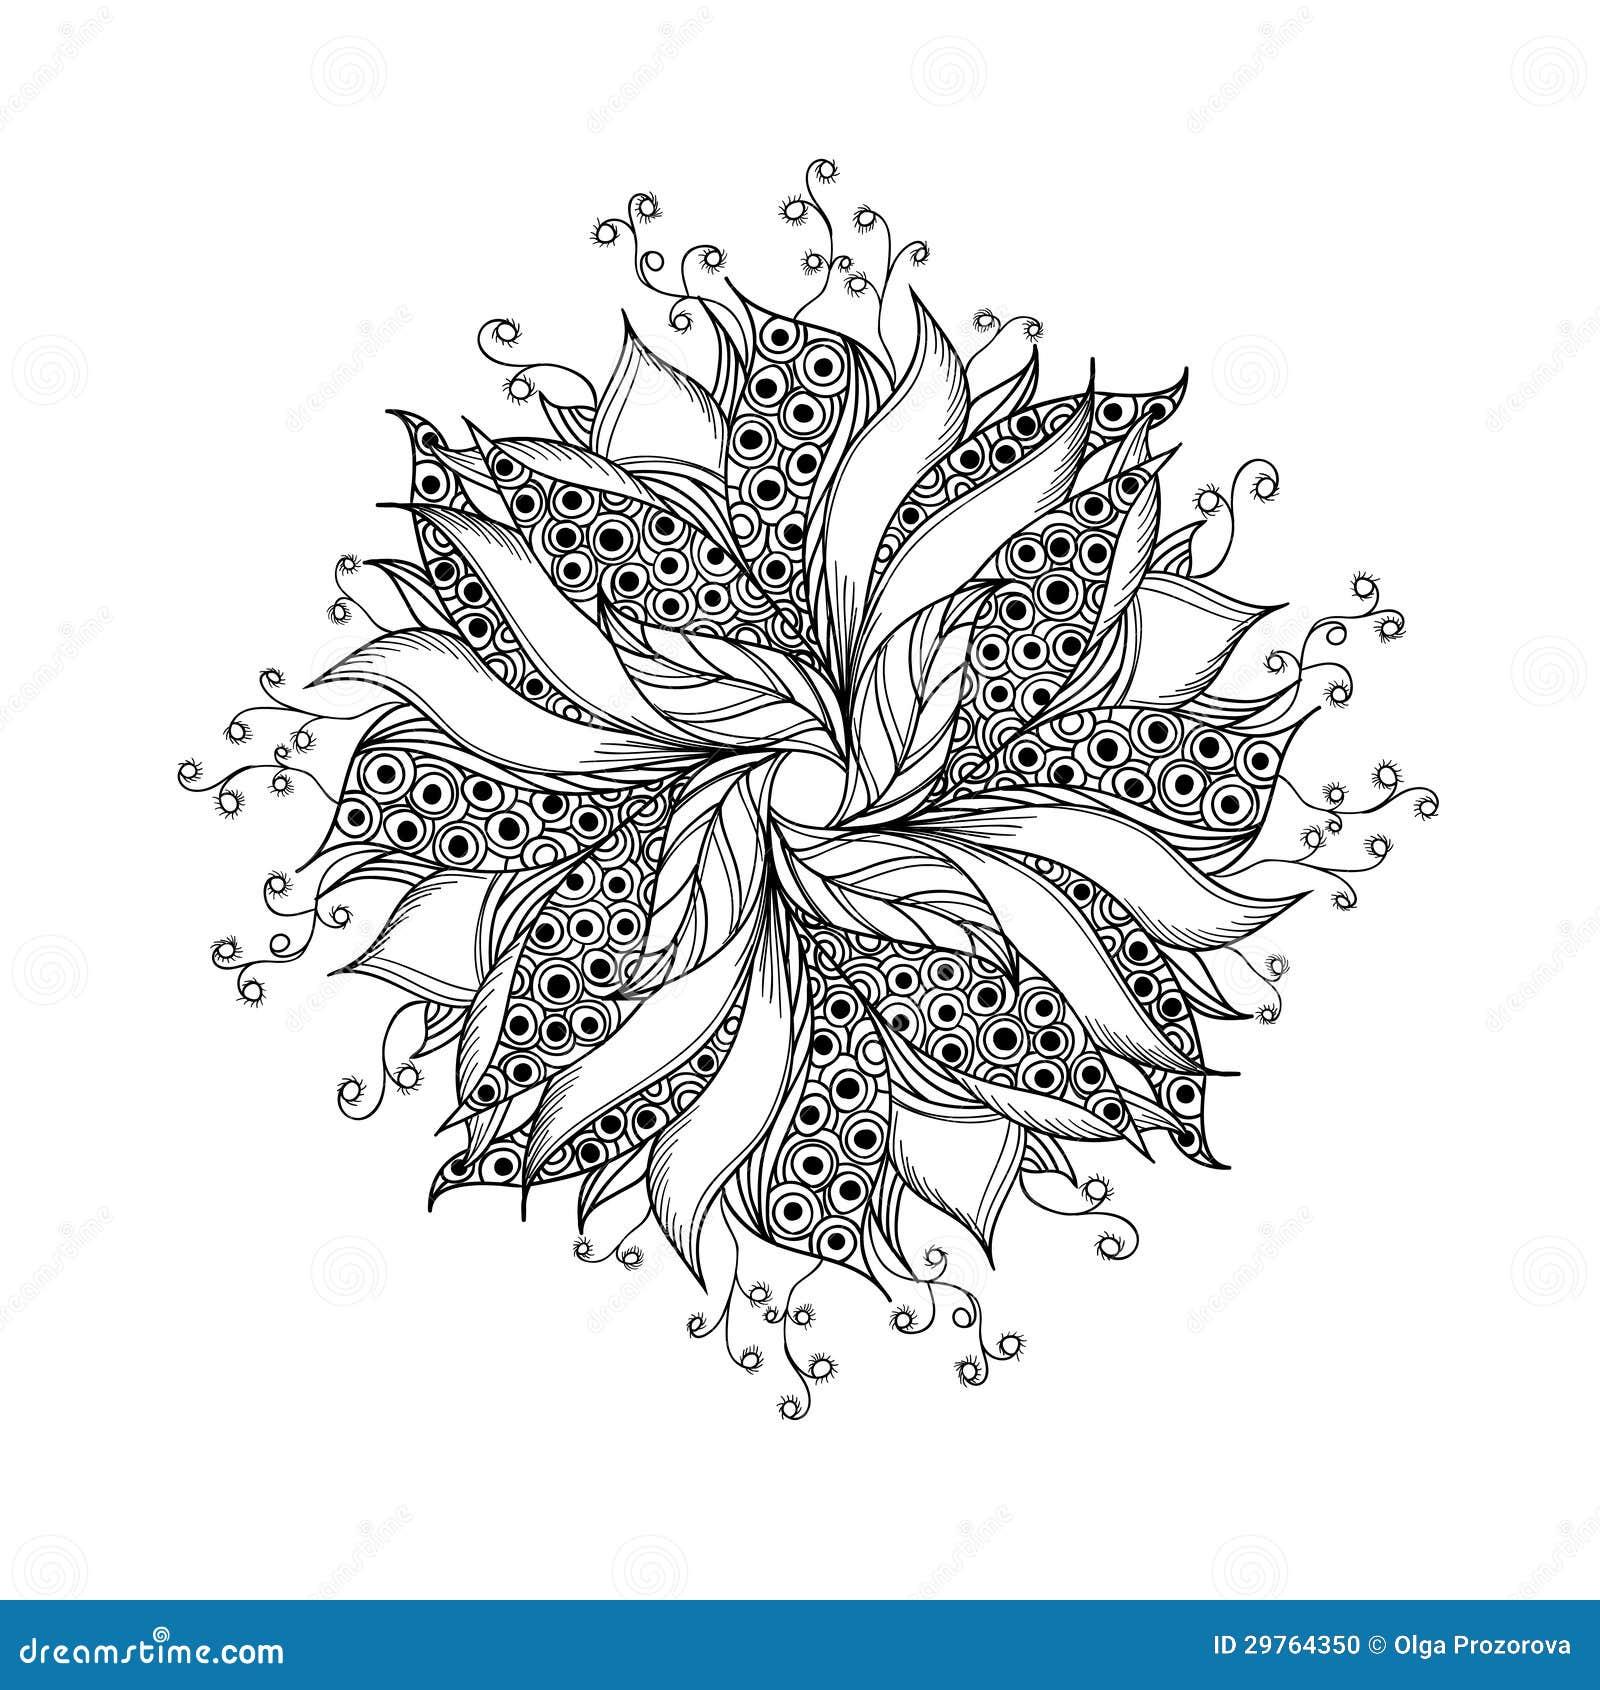 Цветы графика рисунок тату